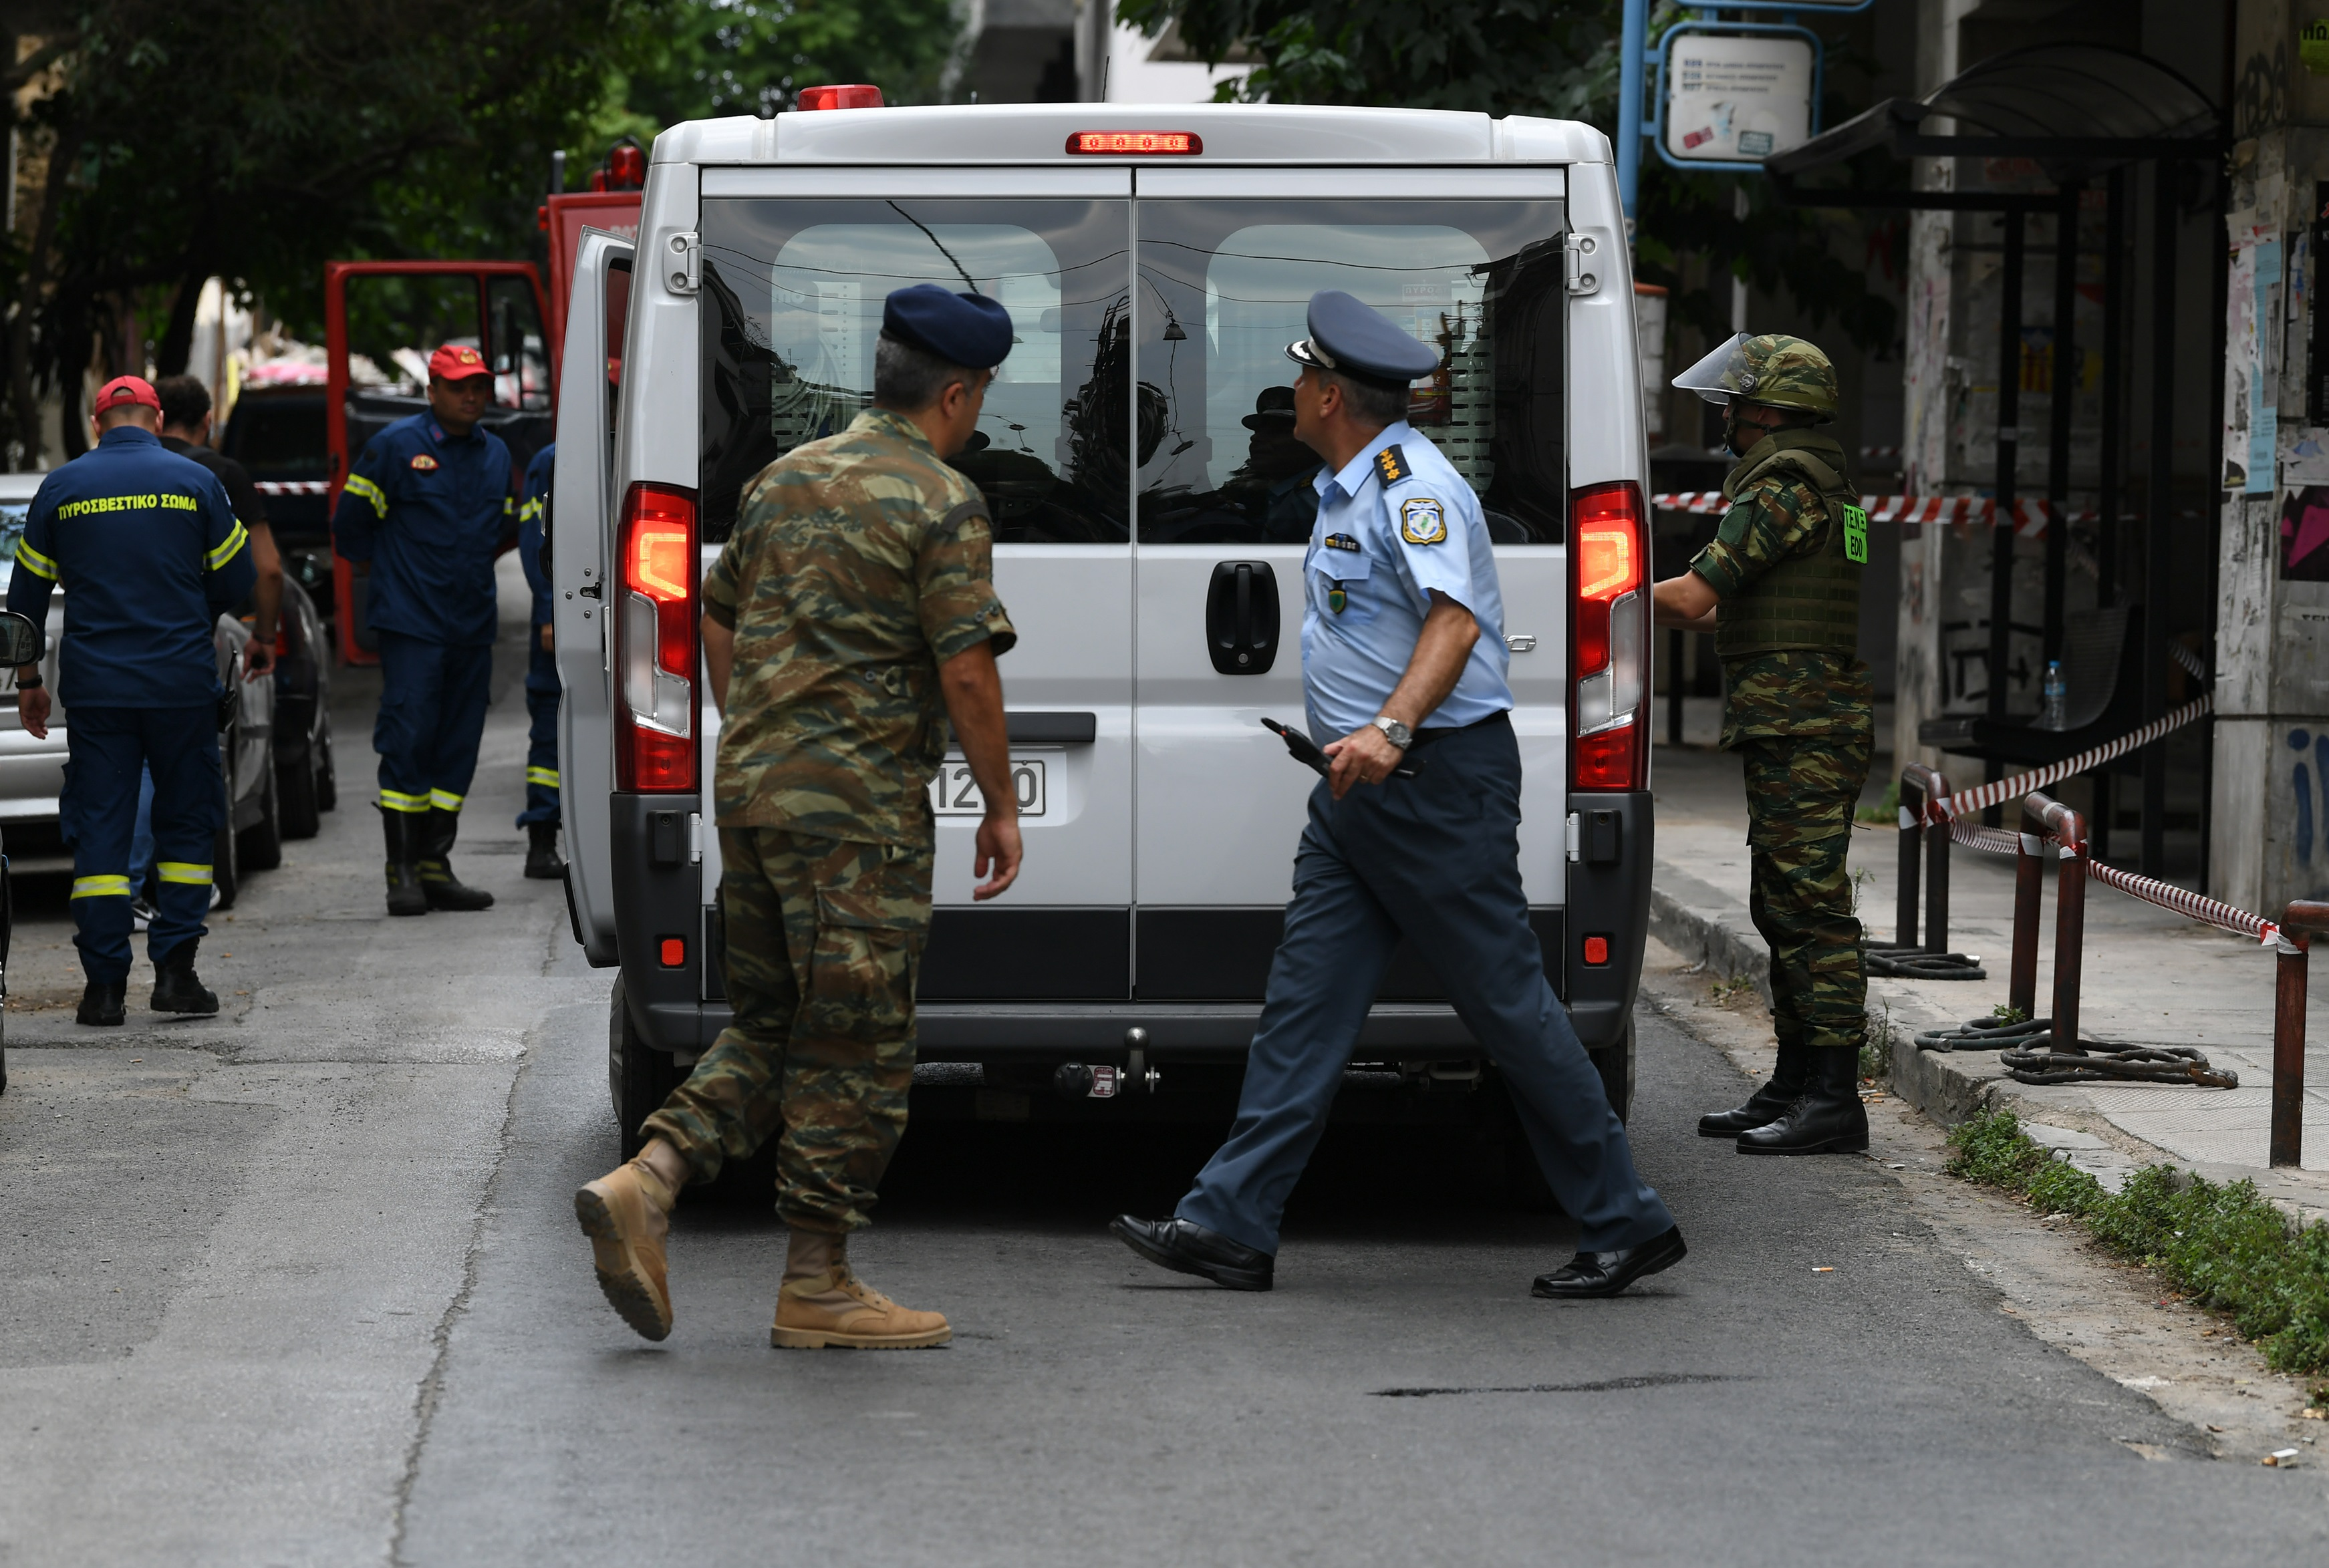 Κλεμμένο πιστόλι αστυνομικού στην κατοχή εμπόρου ναρκωτικών στα Εξάρχεια!